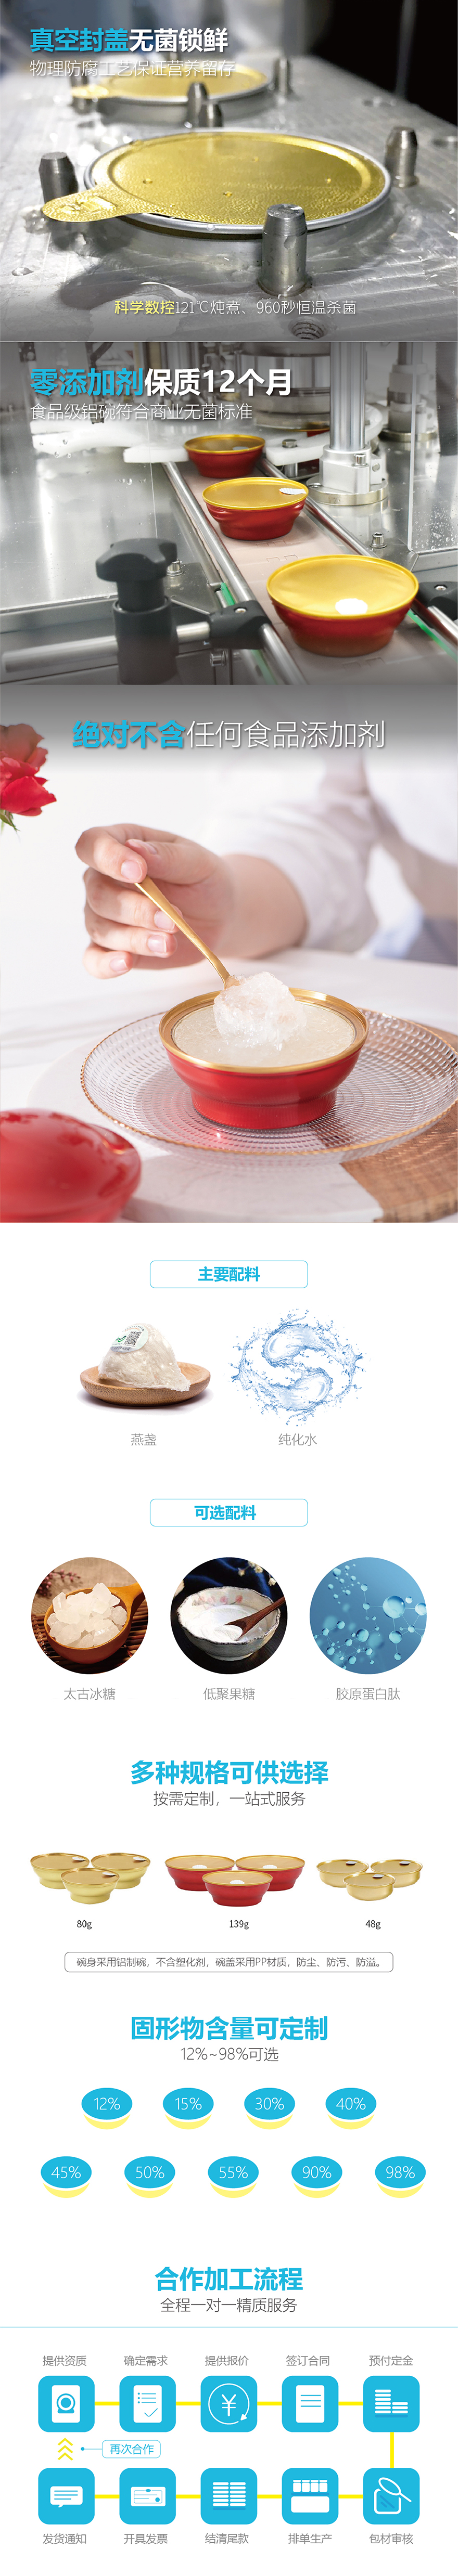 中亚天成碗装燕窝产品介绍页面2_画板 1 副本 21.jpg